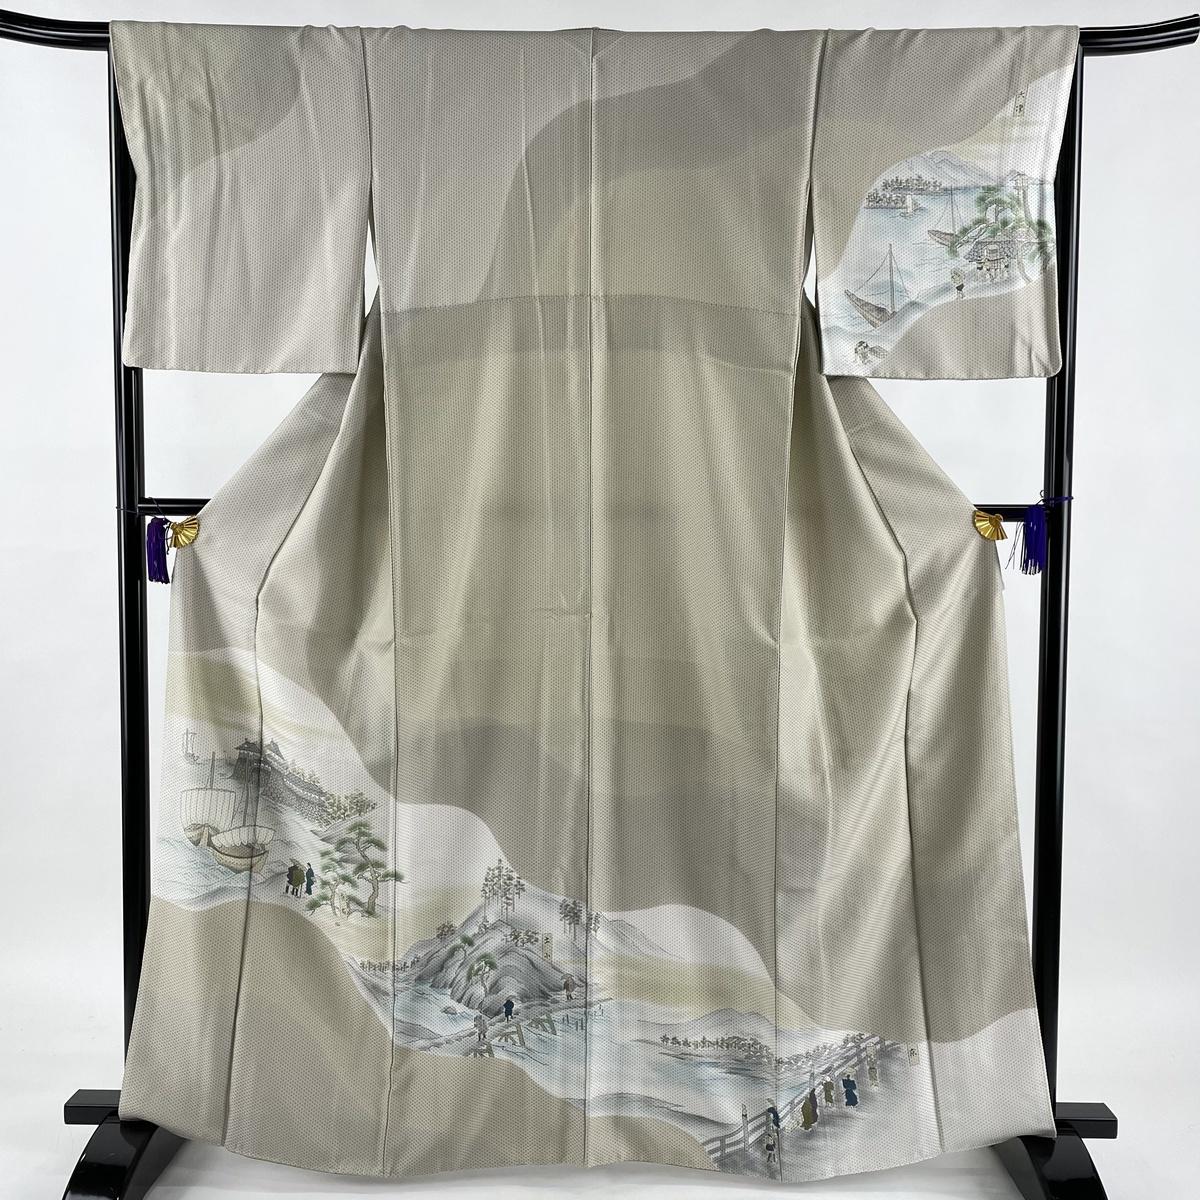 ランクS 着物 リサイクル 送料無料 訪問着 美品 秀品 風景 爆買い新作 袷 M 灰茶 人物 引き出物 中古 身丈164cm 正絹 裄丈66.5cm